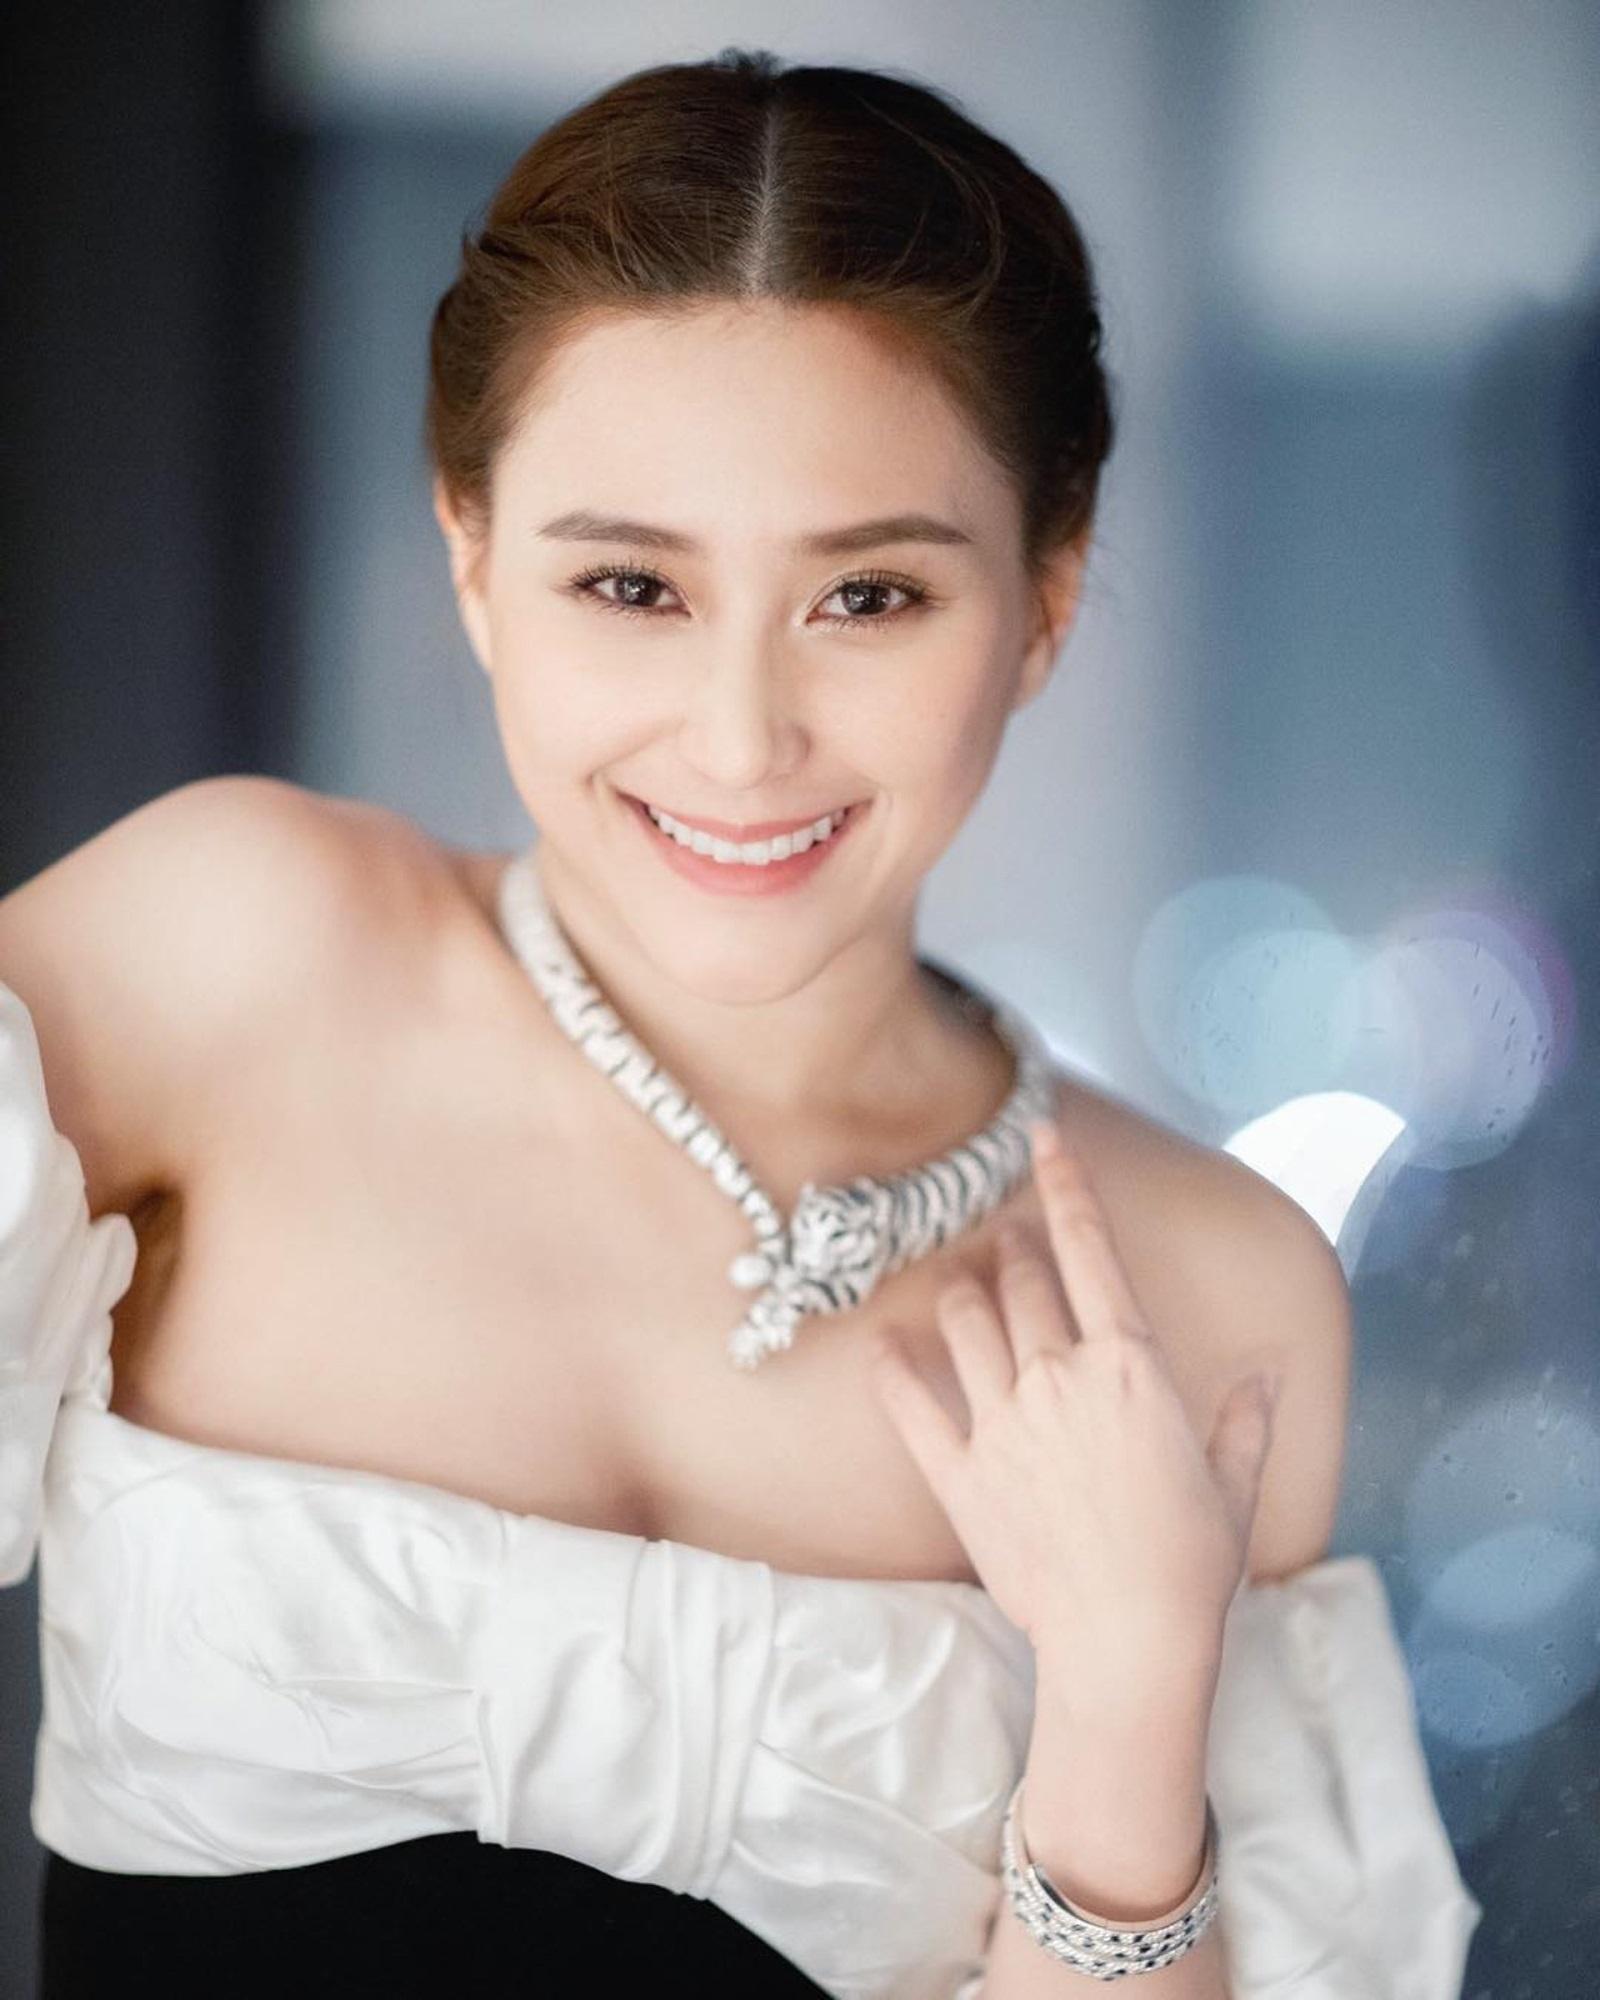 Ái nữ đẹp nhất của Vua sòng bài Macau: Sắc vóc ưu tú vạn người si mê, thuở nhỏ không biết danh tính thật sự của bố ruột - Ảnh 2